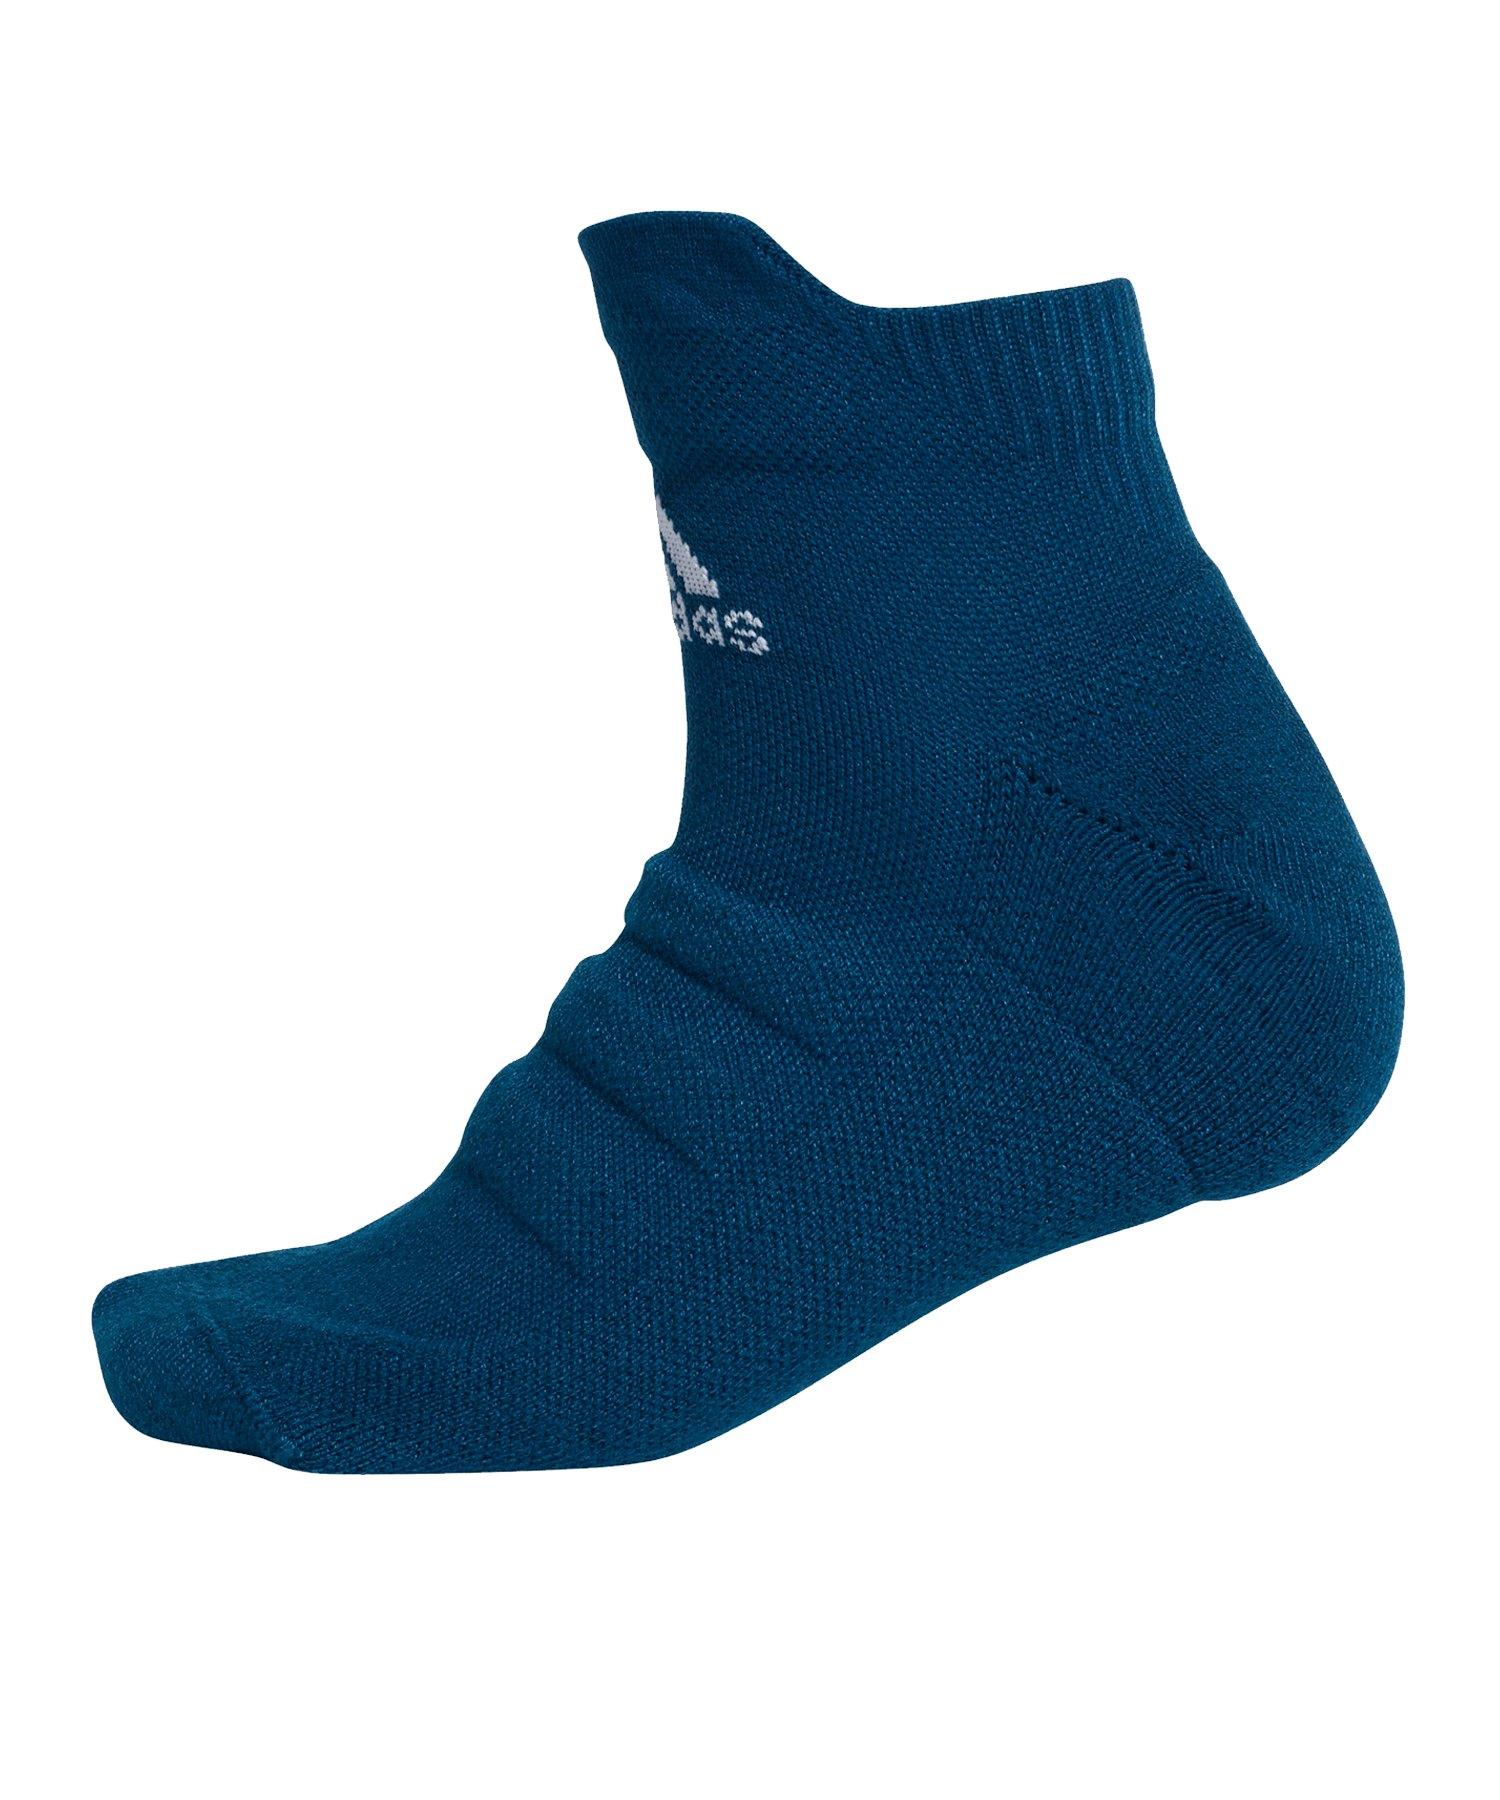 adidas Alphaskin LW Cushioning Ankle Socken Blau - blau